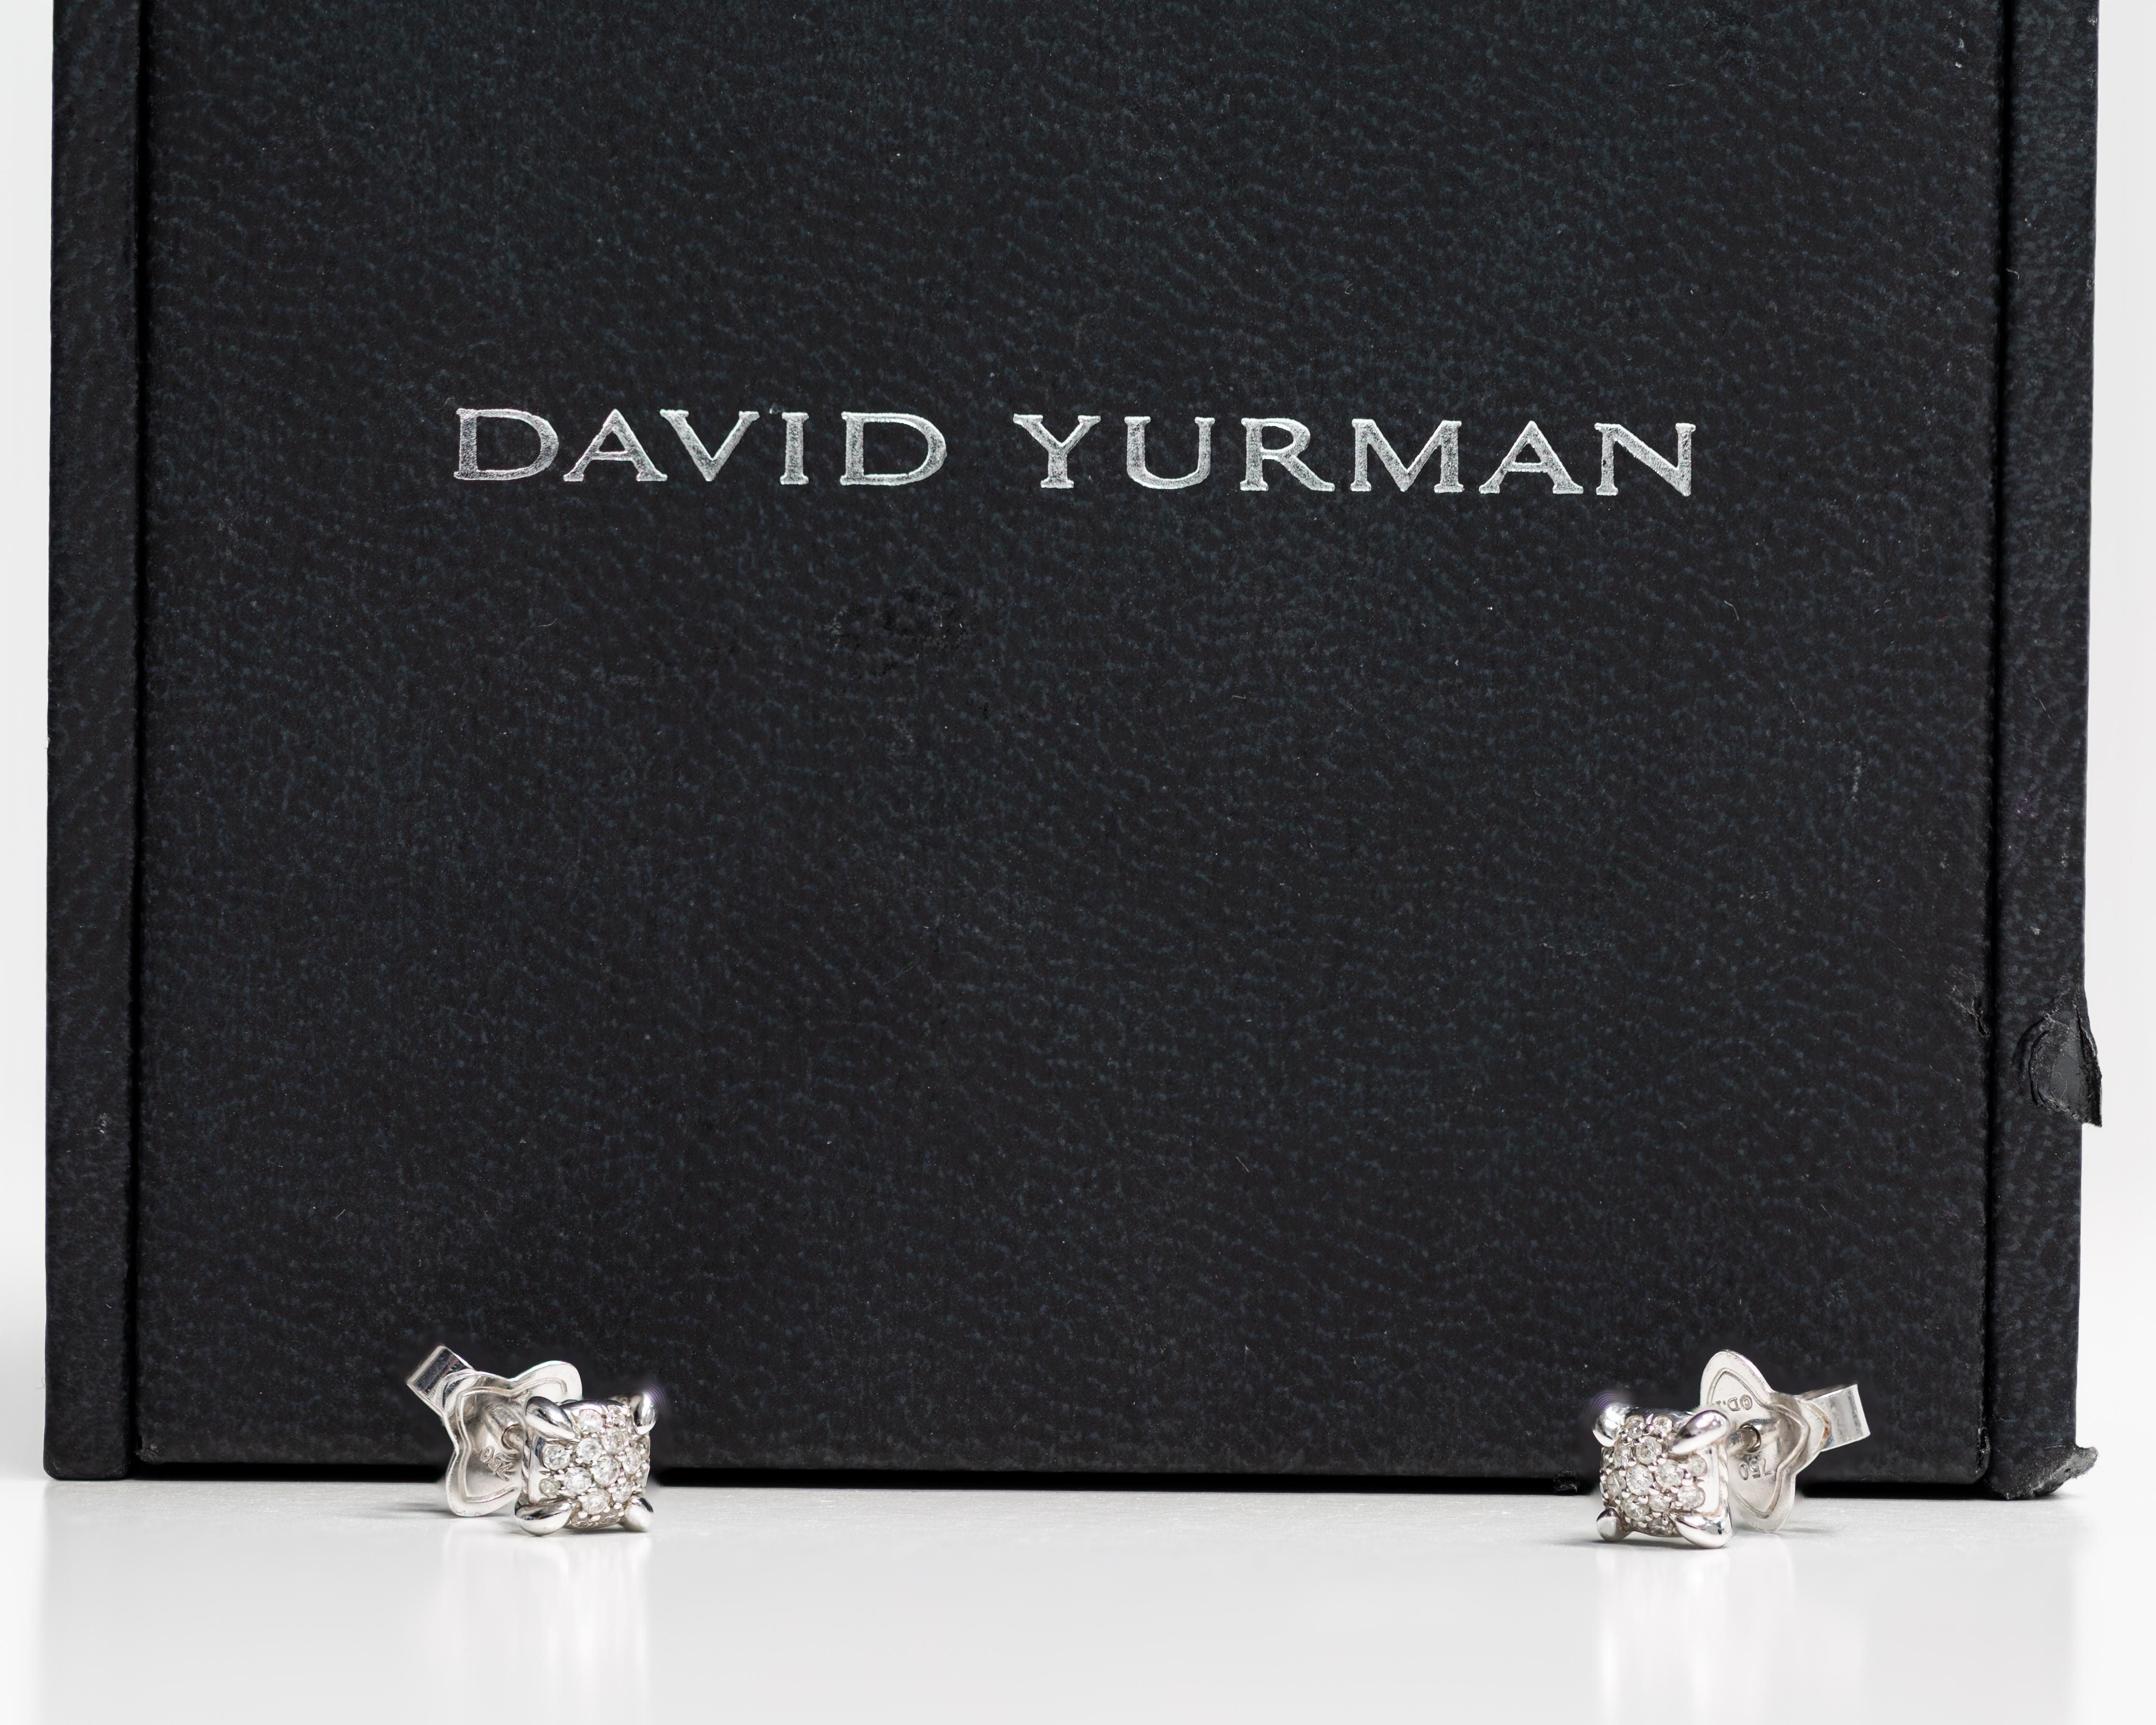 7db1b1a7f22d David Yurman Small Stud Earrings with Diamonds For Sale at 1stdibs